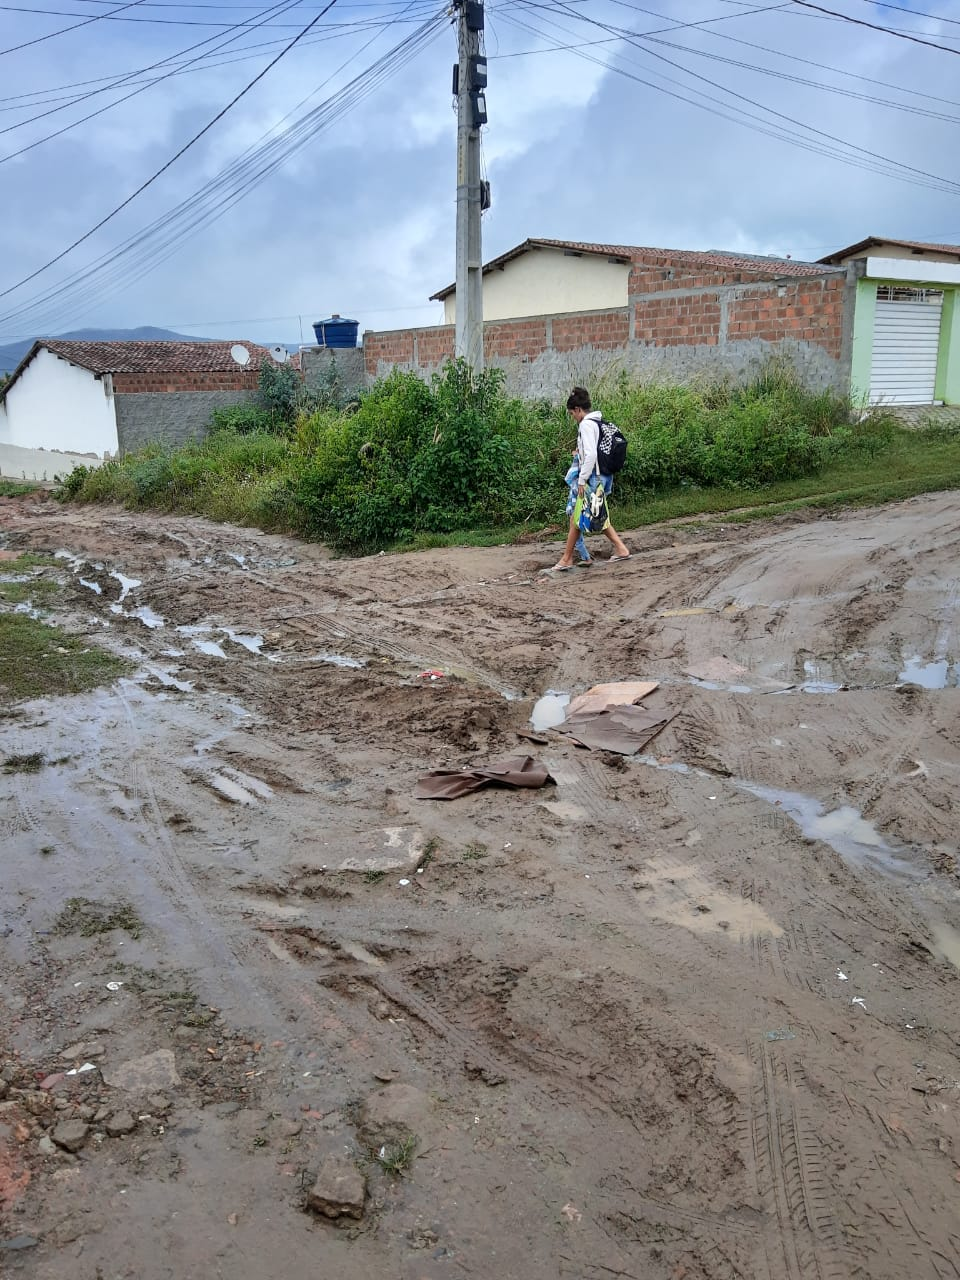 Assista: Viana e Moura da BR, uma verdadeira situação de estado de emergência